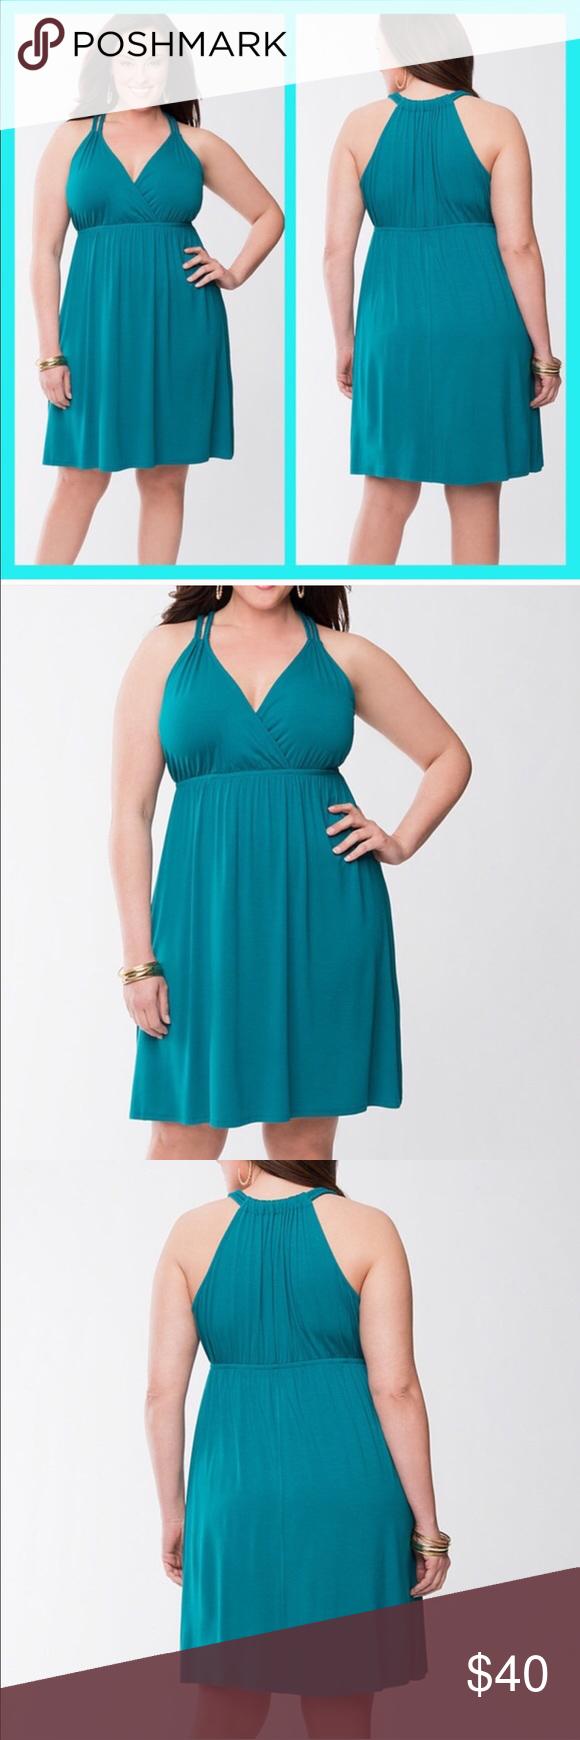 Lane Bryant Teal Summer Dress Size 14 Teal Summer Dresses Summer Dresses Fashion [ 1740 x 580 Pixel ]